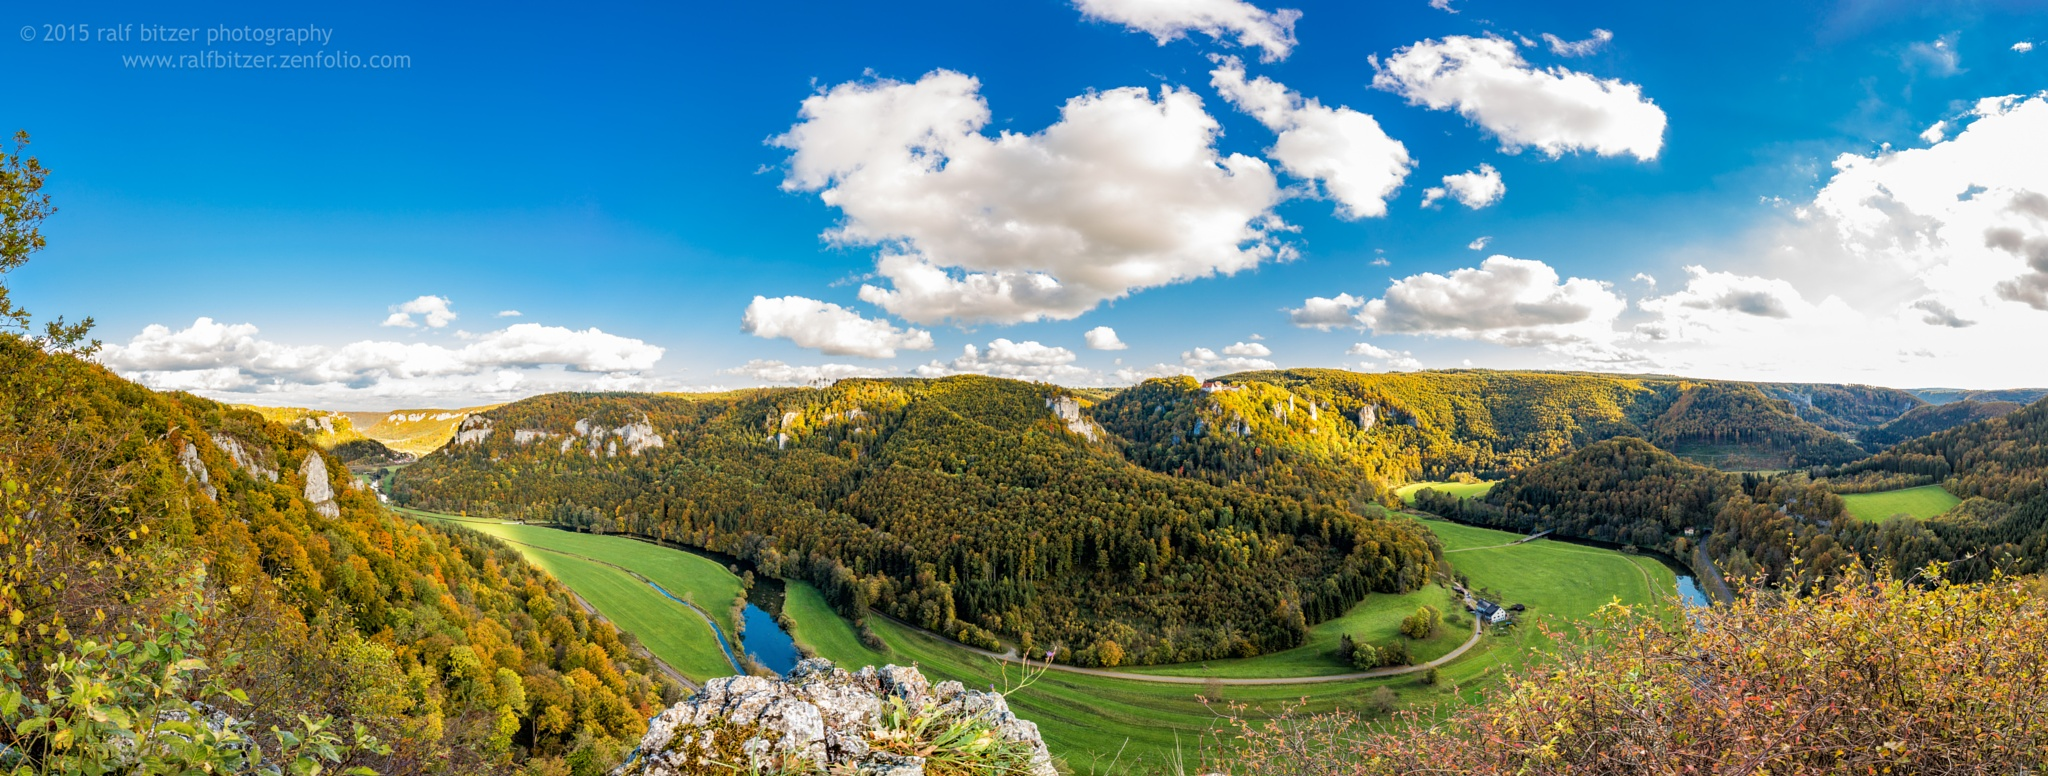 Blick vom Eichfelsen by Ralf Bitzer